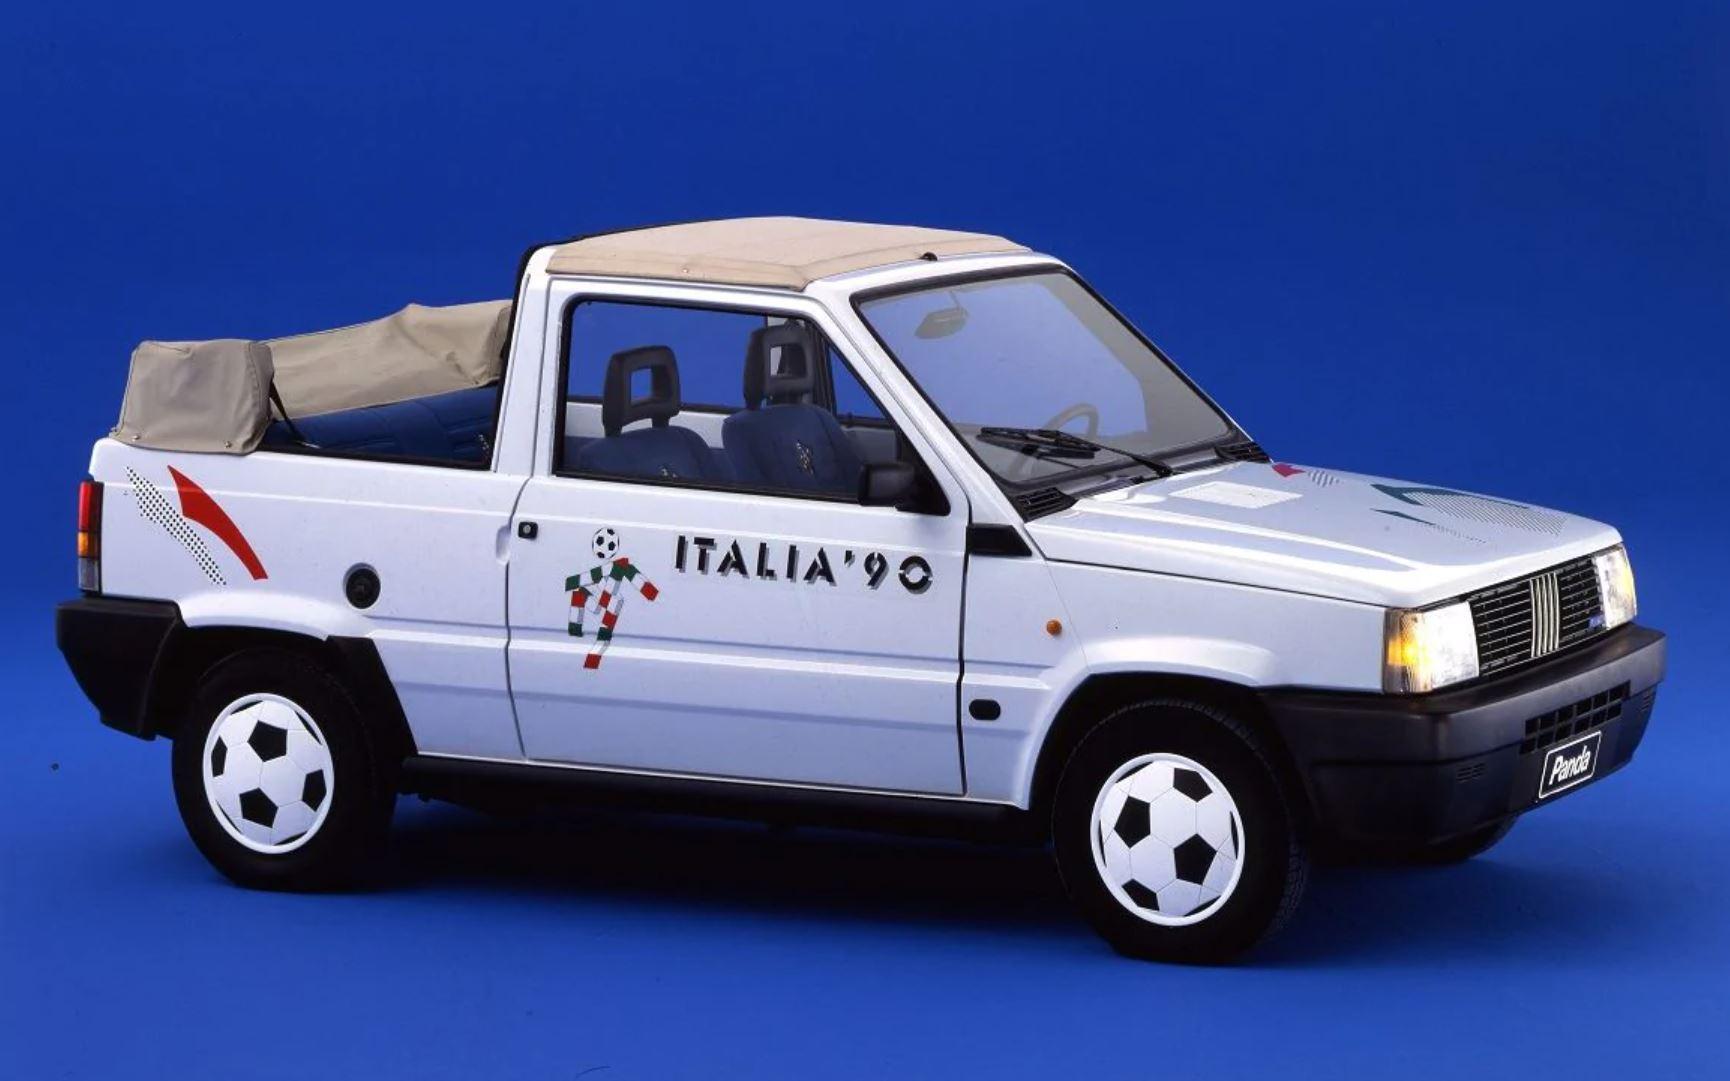 Slik så kabriolet-versjonen ut. Denne kjørte ut på stadion før kampene i VM.